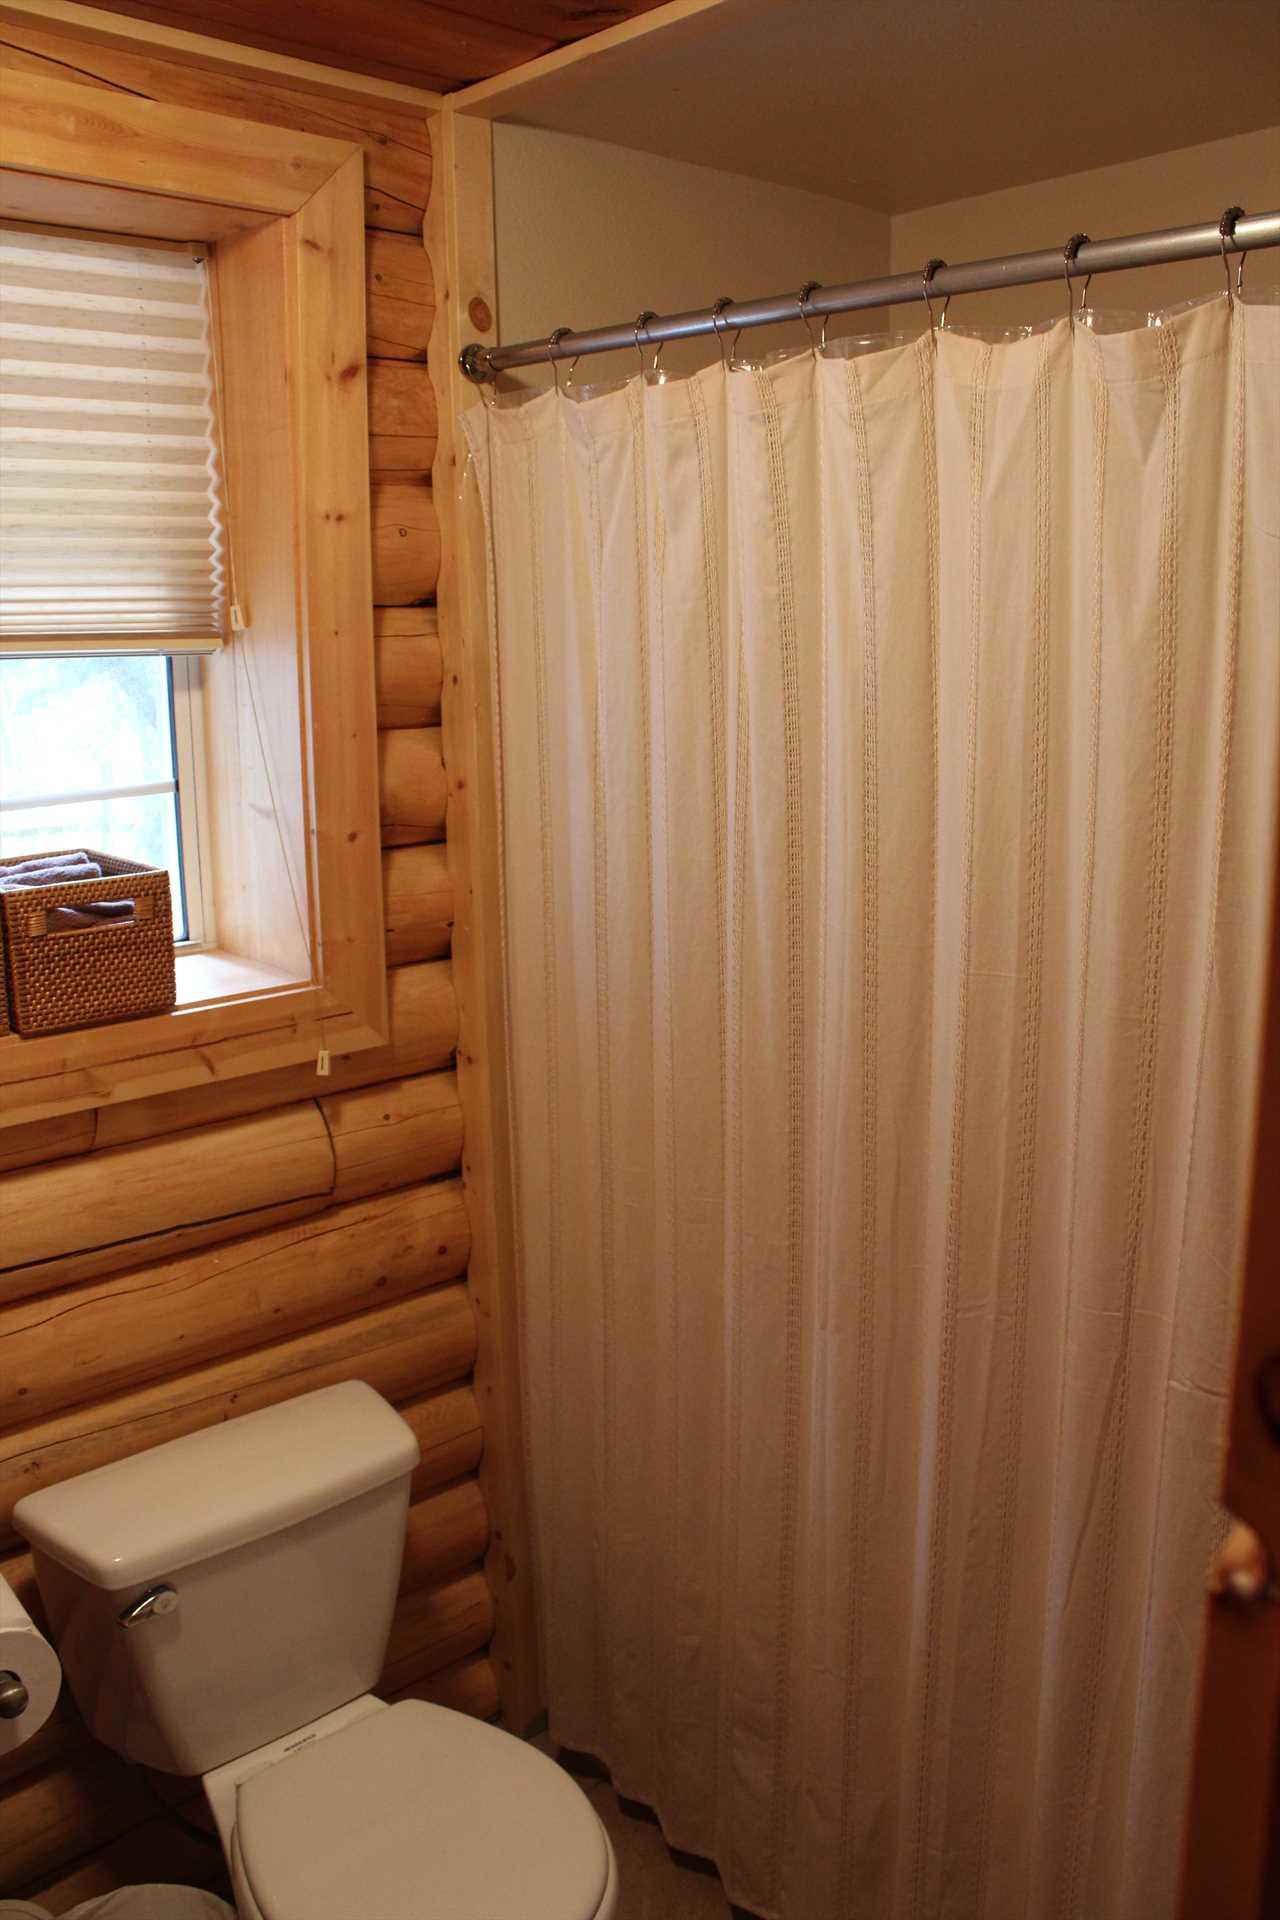 Tub/Shower in Bathroom